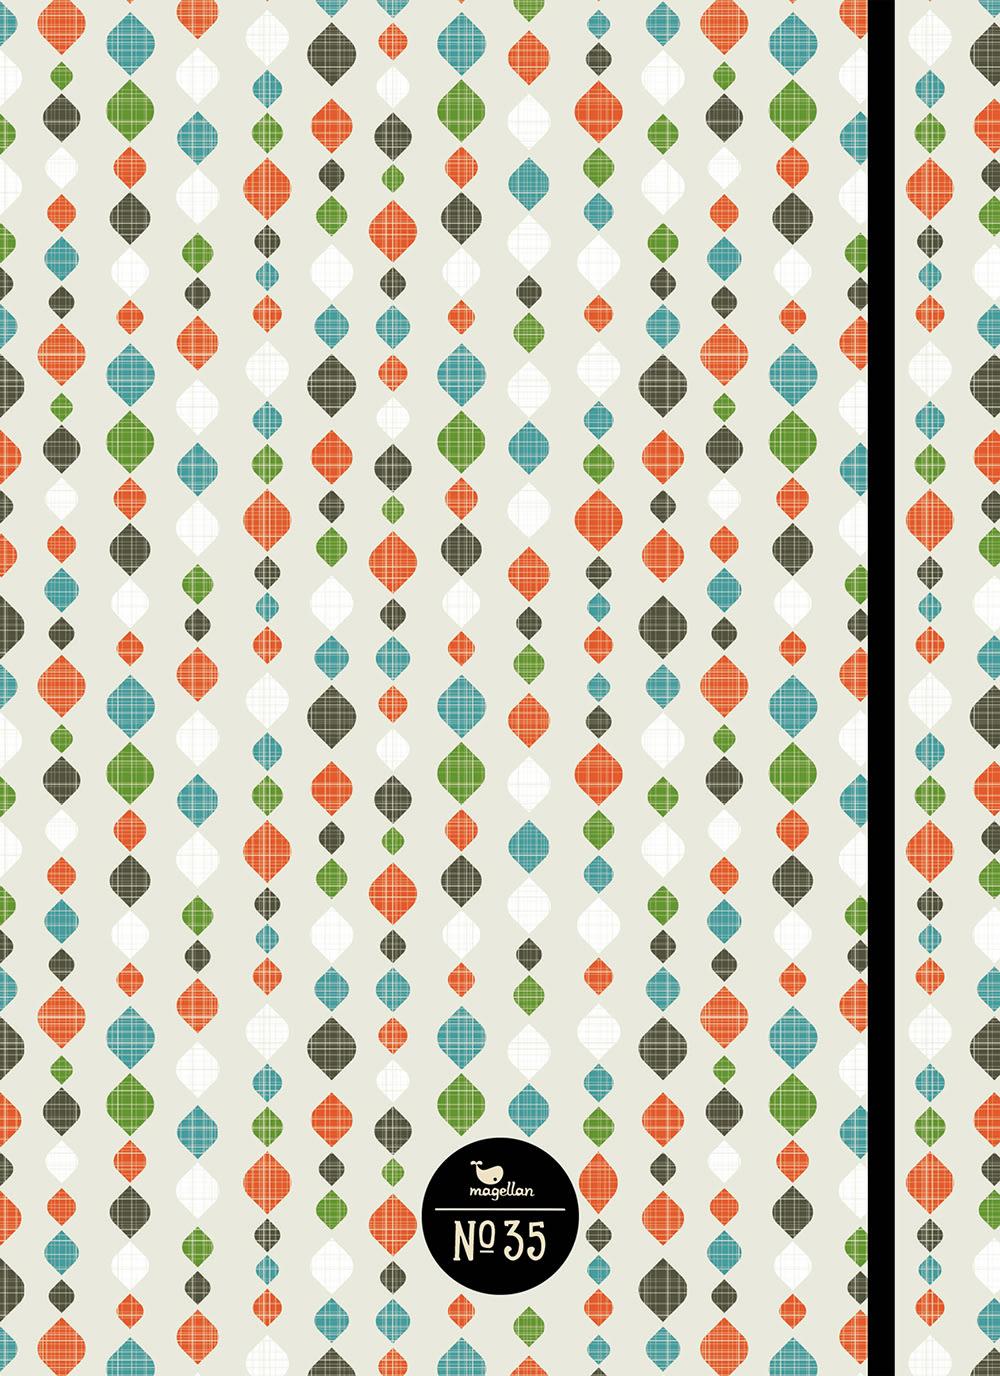 Cover Notizbuch Nummer 35 Vorhang Schönes und Kreatives zum Eintragen